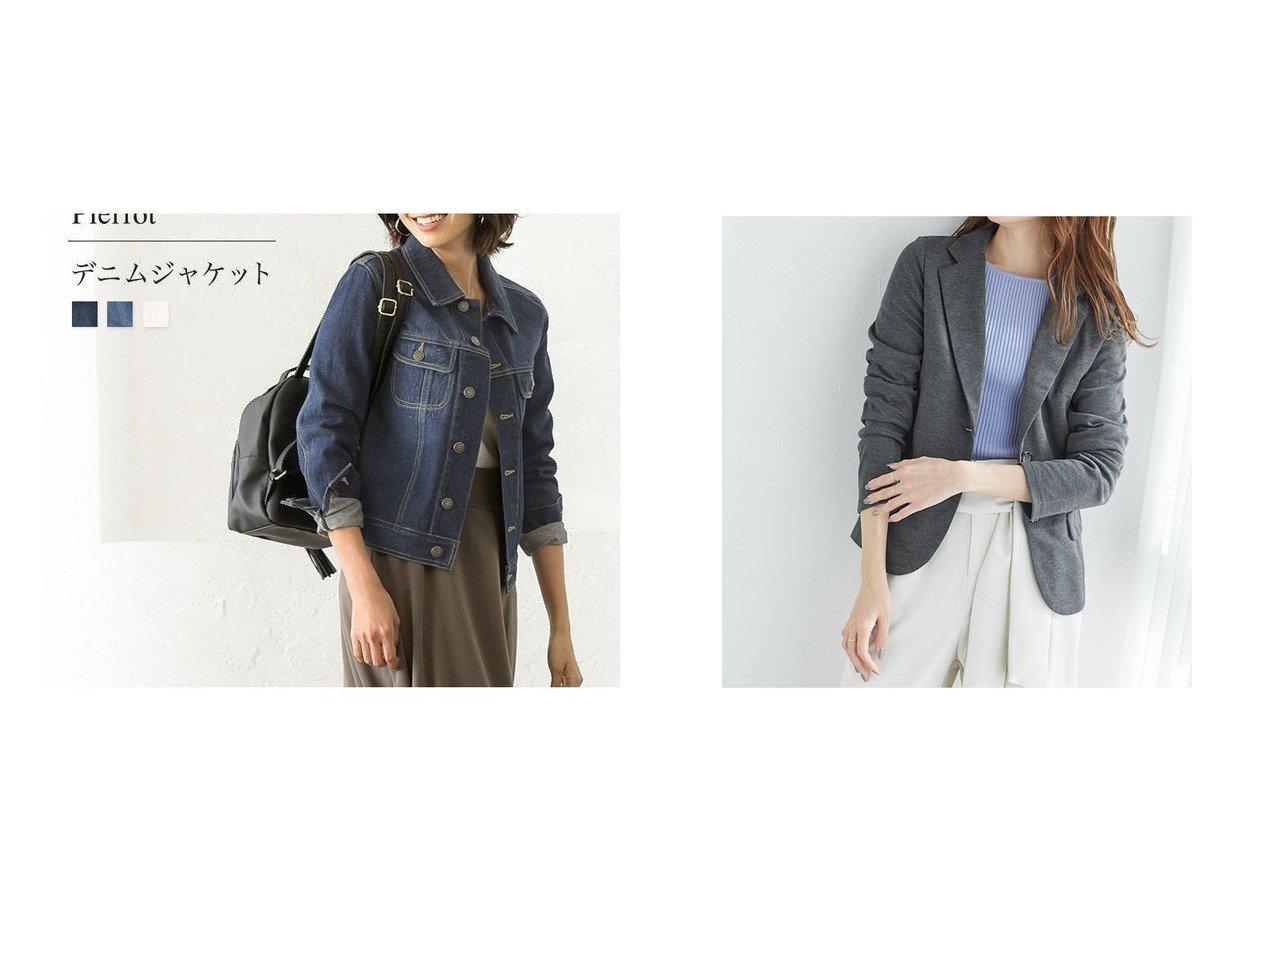 【Pierrot/ピエロ】のデニムジャケット&ポンチ素材テーラードジャケット おすすめ!人気!プチプライスで上品なファッションアイテムの通販  おすすめで人気の流行・トレンド、ファッションの通販商品 メンズファッション・キッズファッション・インテリア・家具・レディースファッション・服の通販 founy(ファニー) https://founy.com/ ファッション Fashion レディースファッション WOMEN アウター Coat Outerwear ジャケット Jackets デニムジャケット Denim Jackets テーラードジャケット Tailored Jackets A/W 秋冬 AW Autumn/Winter / FW Fall-Winter S/S 春夏 SS Spring/Summer おすすめ Recommend インディゴ ウォッシュ ジャケット デニム パーカー プチプライス・低価格 Affordable ベーシック 定番 Standard 春 Spring なめらか カーディガン シンプル スウェット テーラード フロント マーブル |ID:crp329100000021189